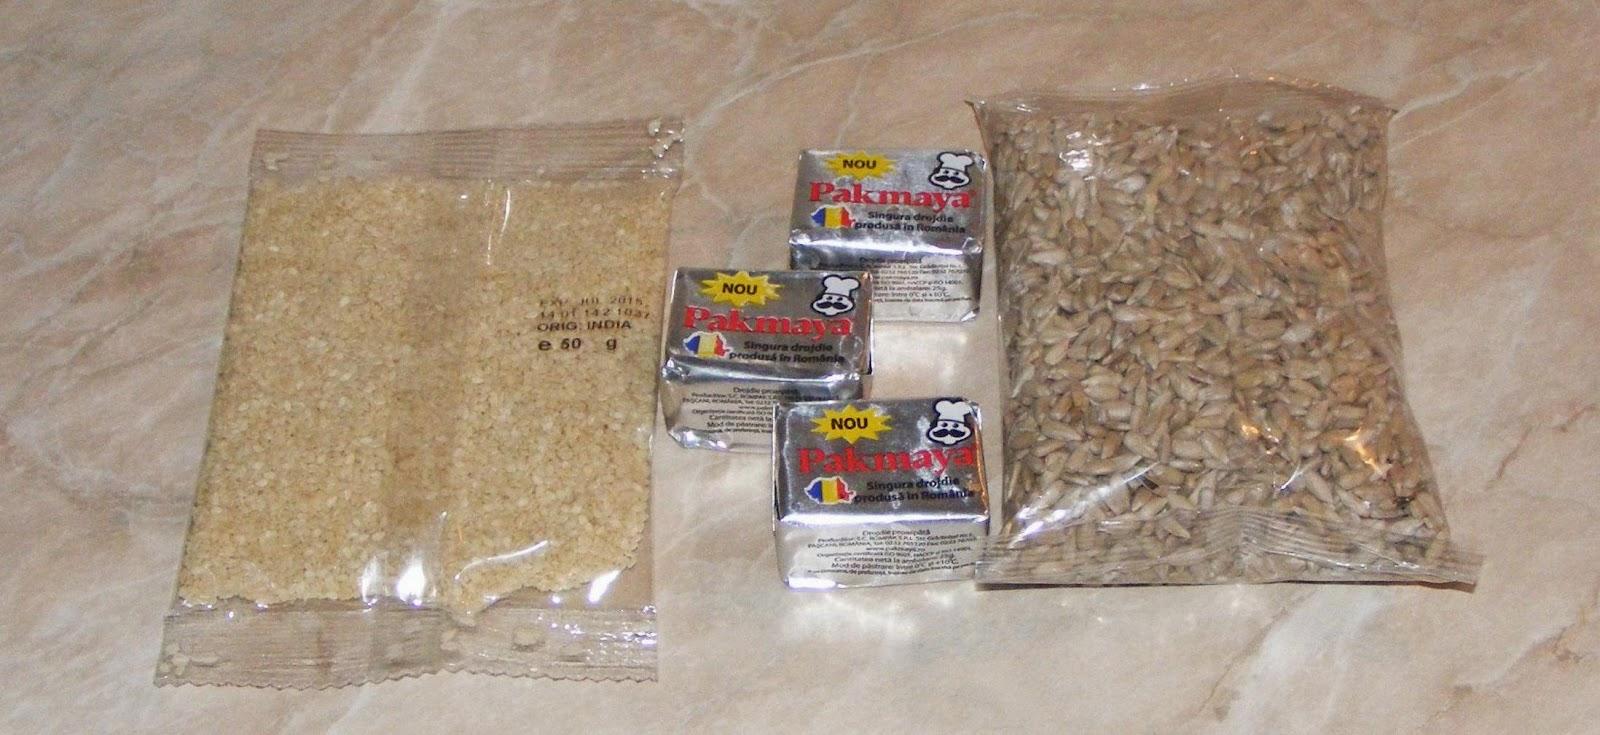 seminte pentru paine, ingrediente pentru paine, seminte de susan, seminte de floarea soarelui, drojdie de bere, reteta paine, paine cu seminte, retete culinare, cura de slabire, preparate culinare,